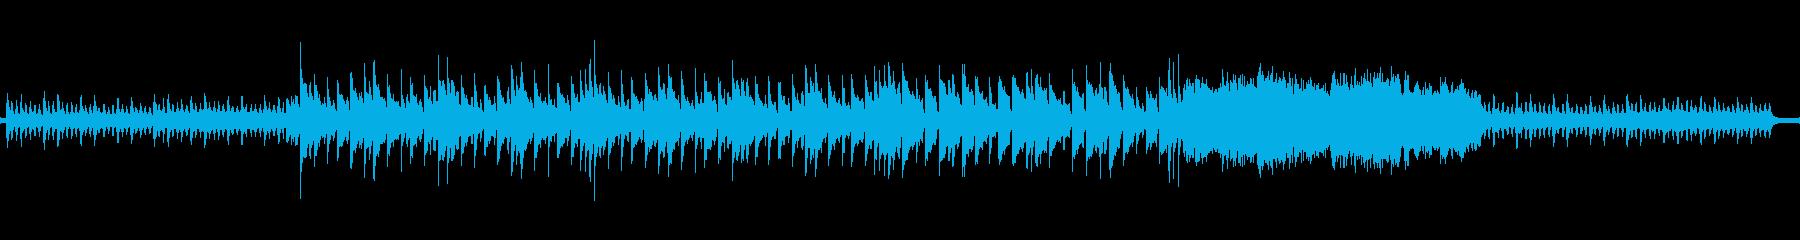 サスペンス的なイメージの再生済みの波形